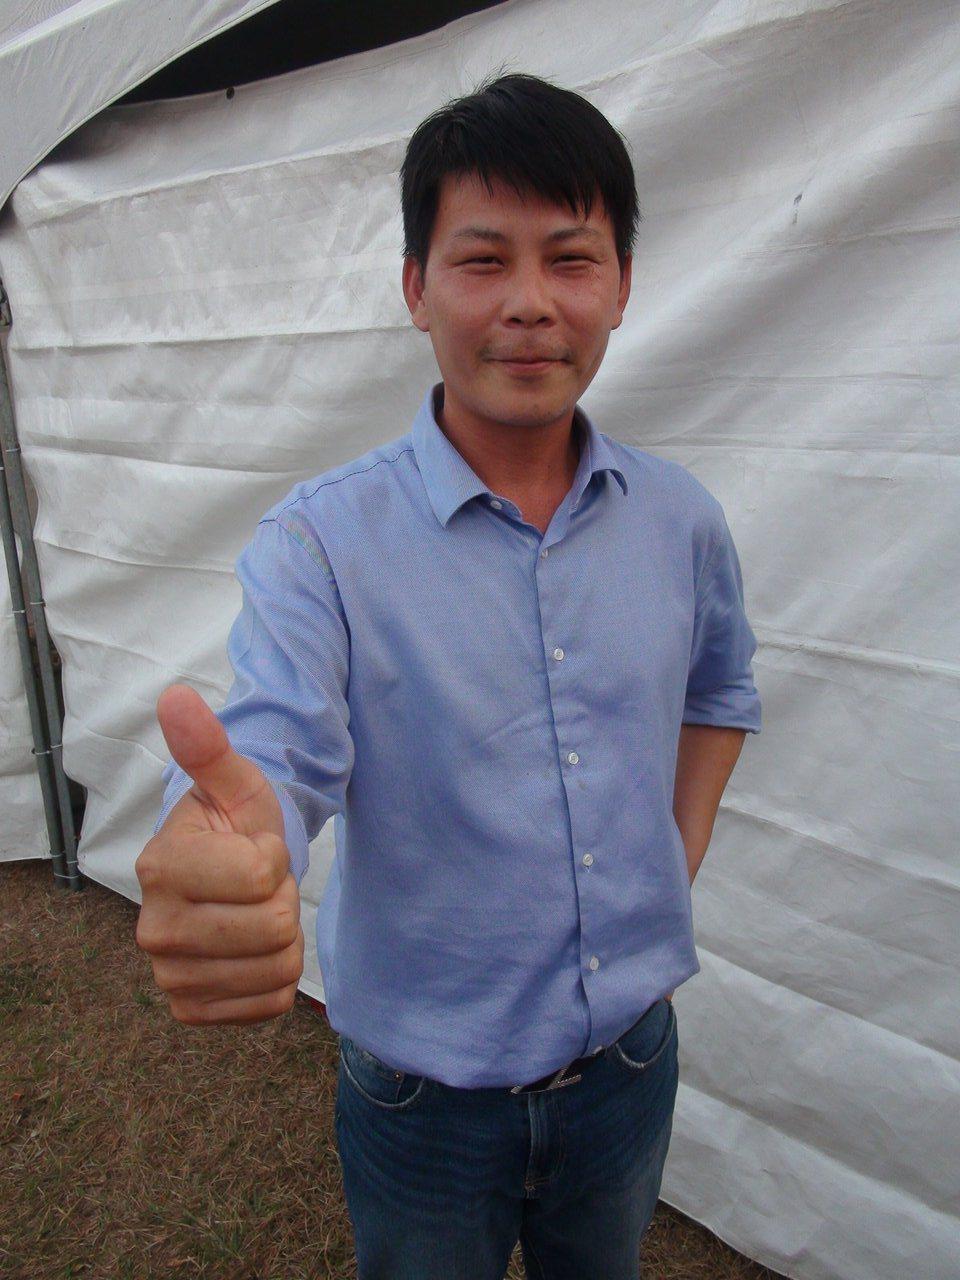 台中市立委第一選區參選人林佳新。記者余采瀅/攝影